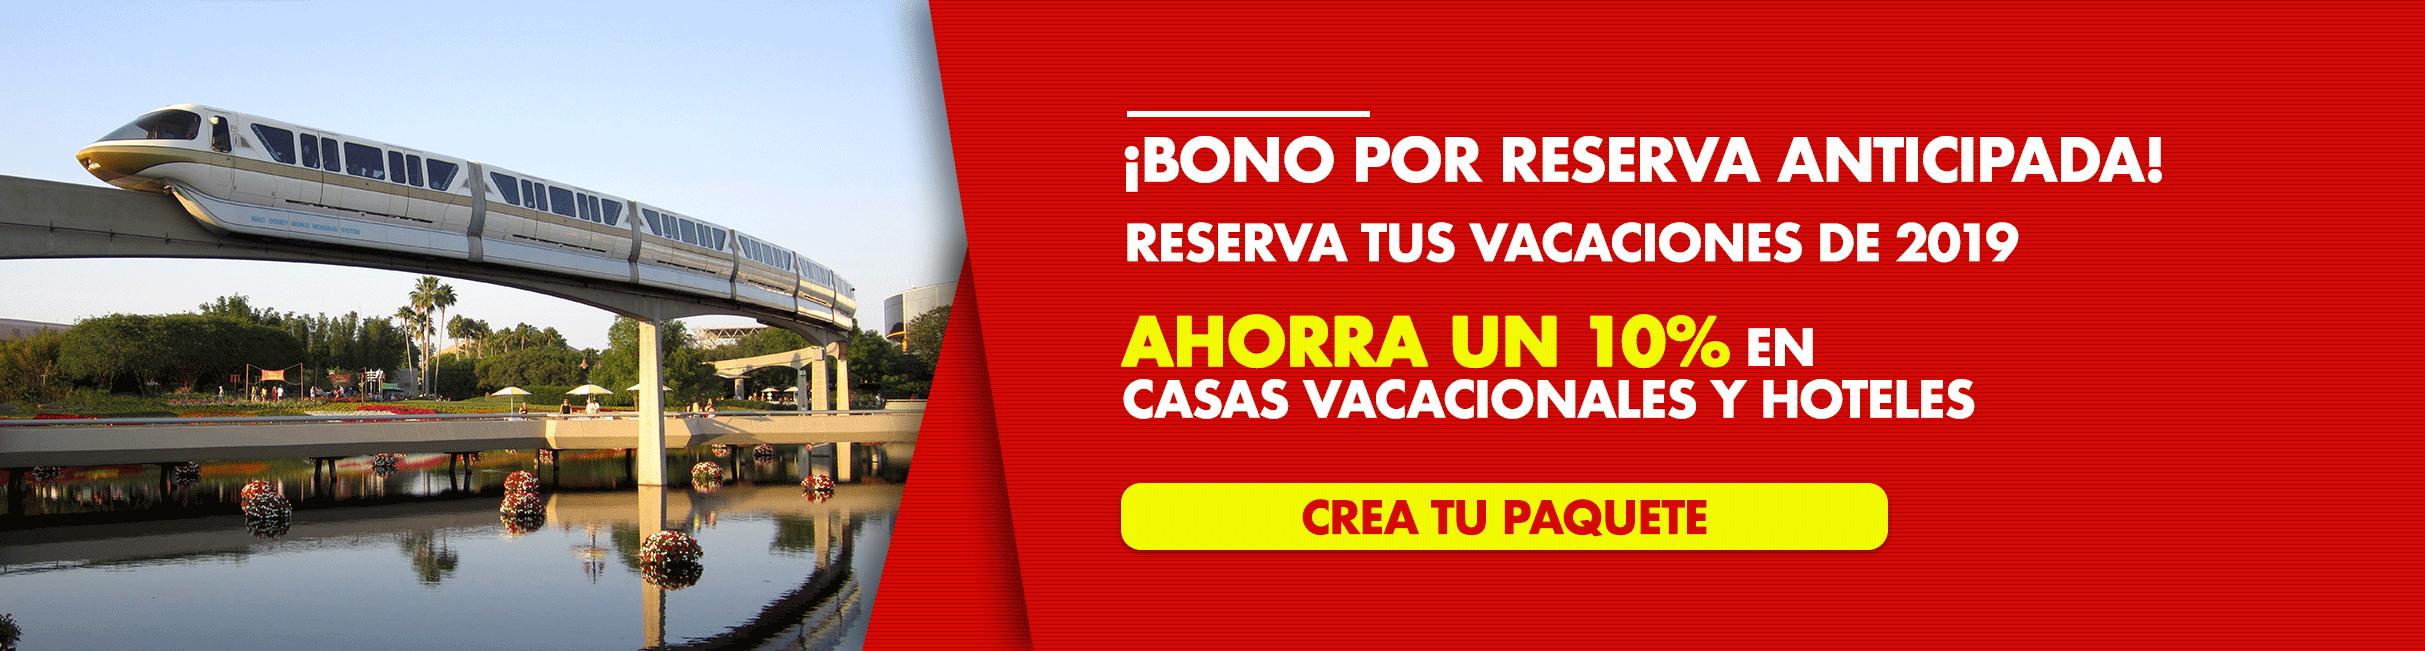 Slide_Ahorra_10porciento-OrlandoVacation